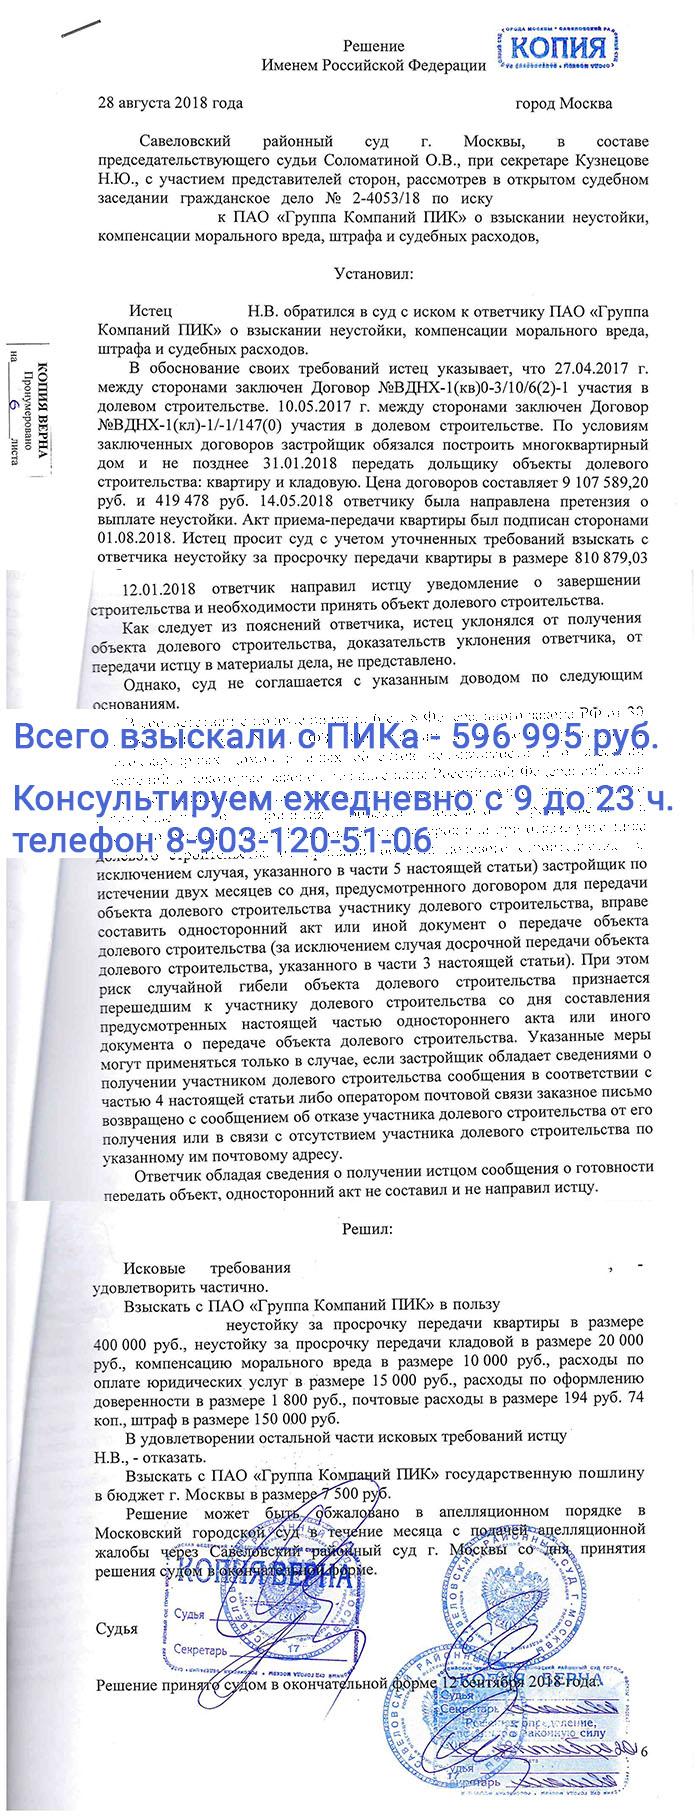 Пример решения Савёловского суда о взыскании пени с ПАО Группа компаний ПИК